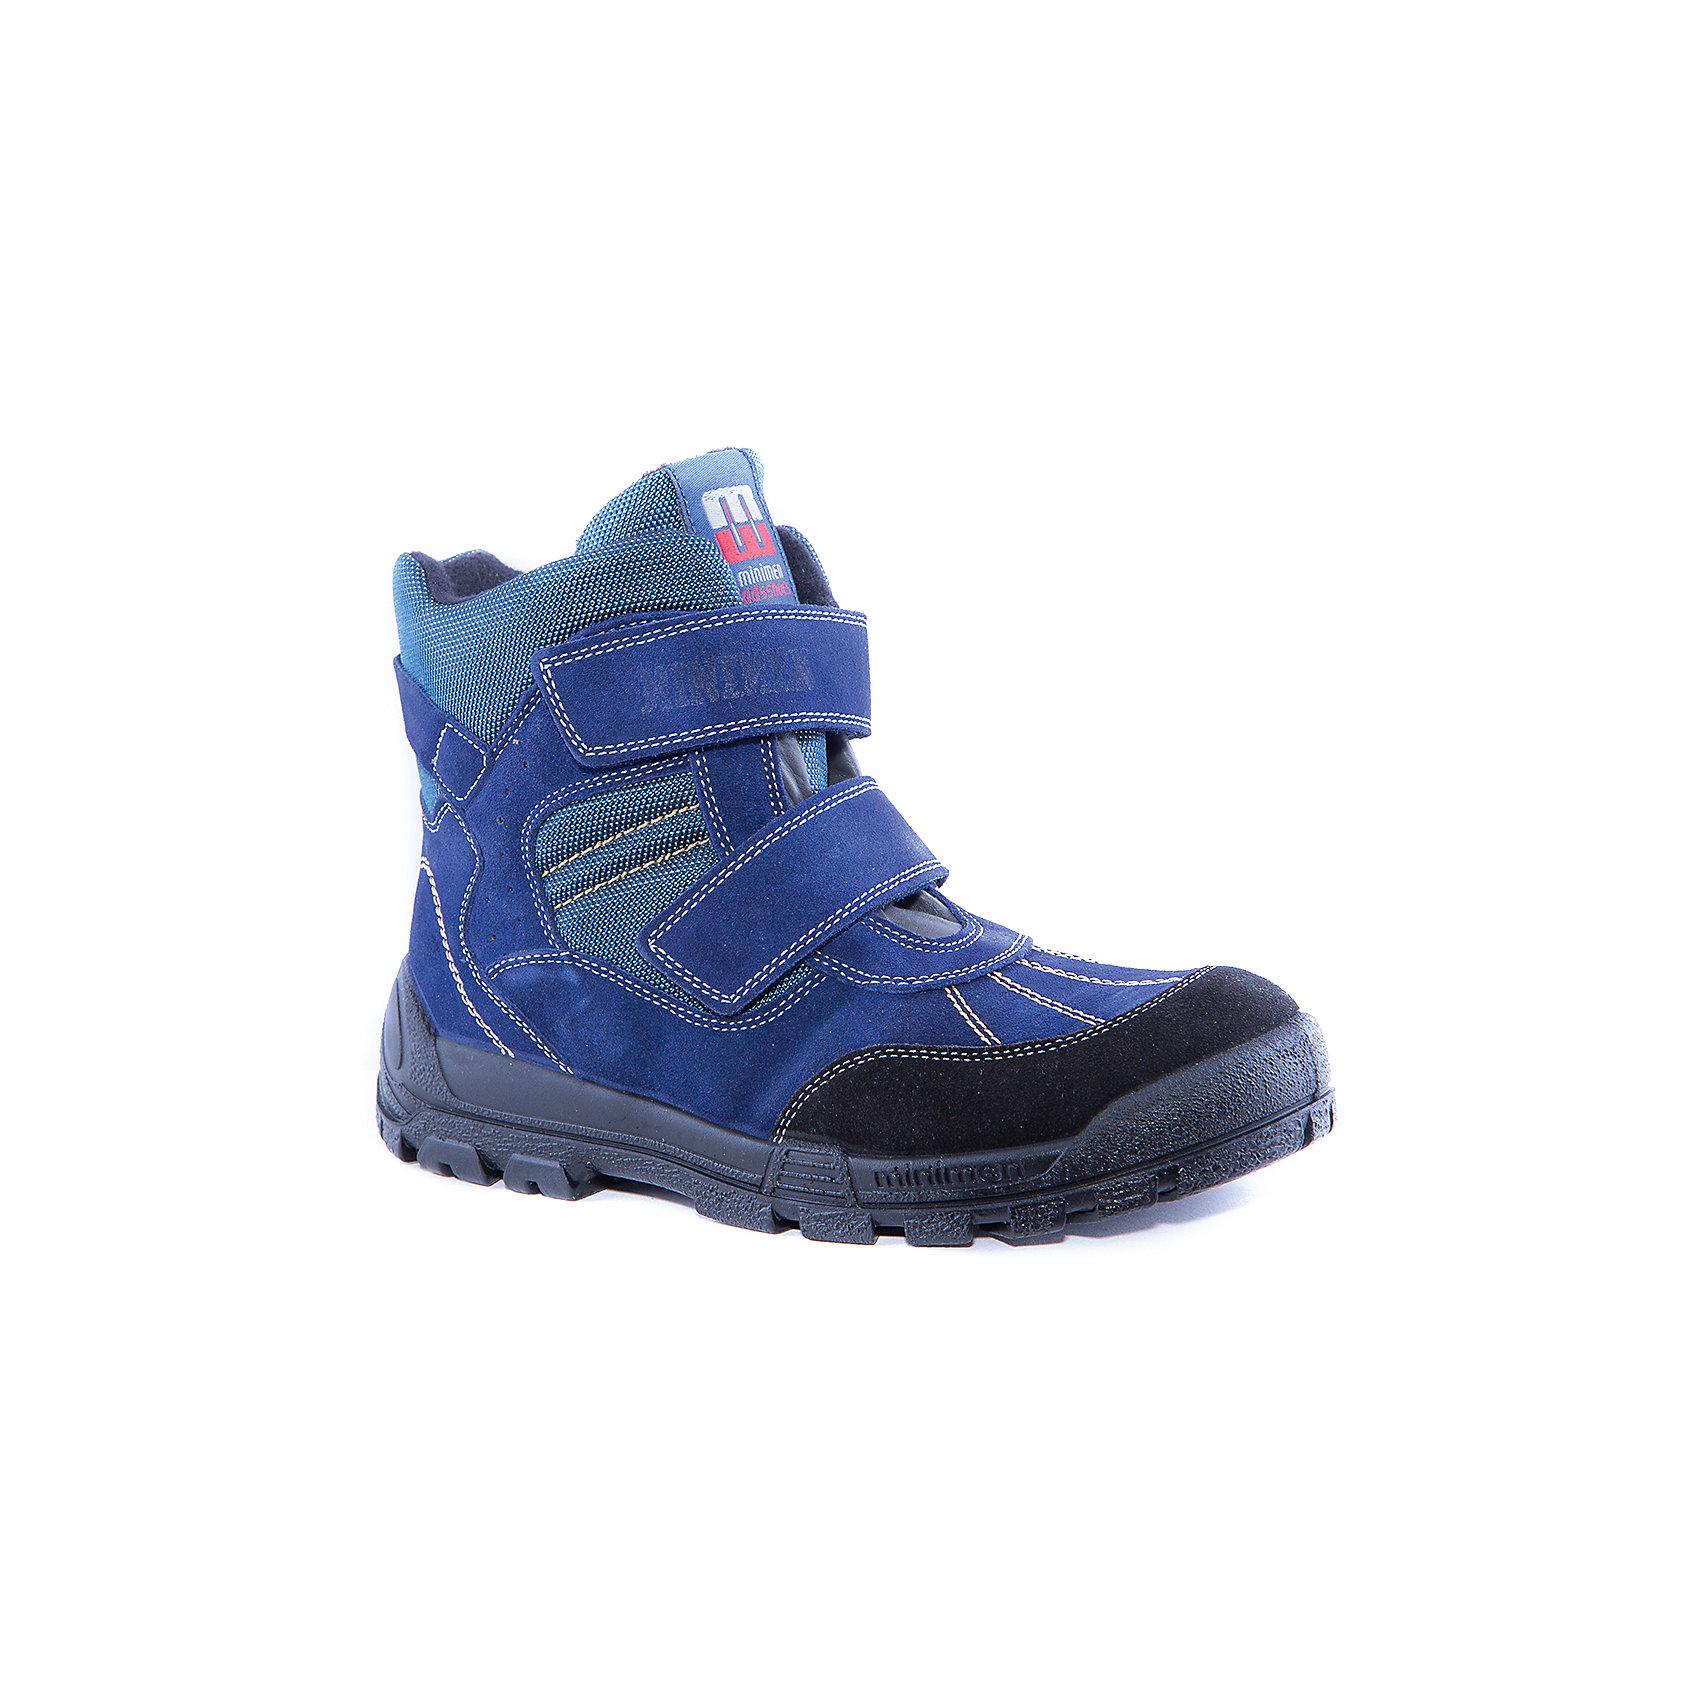 Сапоги  для мальчика MinimenСапоги для мальчика от известного бренда Minimen<br><br>Модные невысокие сапоги Minimen созданы для ношения в межсезонье и начинающиеся холода. Их форма тщательно проработана, поэтому детским ножкам в такой обуви тепло и комфортно. Качественные материалы позволяют сделать изделия износостойкими и удобными.<br><br>При создании этой модели использована мембрана SympaTex. Она добавляется в подкладку обуви и позволяют ногам оставаться сухими и теплыми. Мембрана активно отводит влагу наружу, и не дает жидкости проникать внутрь, а также  не создает препятствий для воздуха, обеспечивая комфортные условия для детских ножек.<br><br>Отличительные особенности модели:<br><br>- цвет: синий;<br>- мембрана SympaTex;<br>- гибкая нескользящая подошва;<br>- усиленный носок и задник;<br>- эргономичная форма;<br>- удобная колодка;<br>- шерстяная подкладка;<br>- натуральная кожа;<br>- застежки-липучки.<br><br>Дополнительная информация:<br><br>- Температурный режим: от - 20° С  до +5° С.<br><br>- Состав:<br><br>материал верха: 100% натуральная кожа<br>материал подкладки: 100% шерсть<br>подошва: ТЭП<br><br>Сапоги для мальчика Minimen (Минимен) можно купить в нашем магазине.<br><br>Ширина мм: 257<br>Глубина мм: 180<br>Высота мм: 130<br>Вес г: 420<br>Цвет: синий<br>Возраст от месяцев: 120<br>Возраст до месяцев: 132<br>Пол: Мужской<br>Возраст: Детский<br>Размер: 34,30,36,35,33,32,31<br>SKU: 4295634